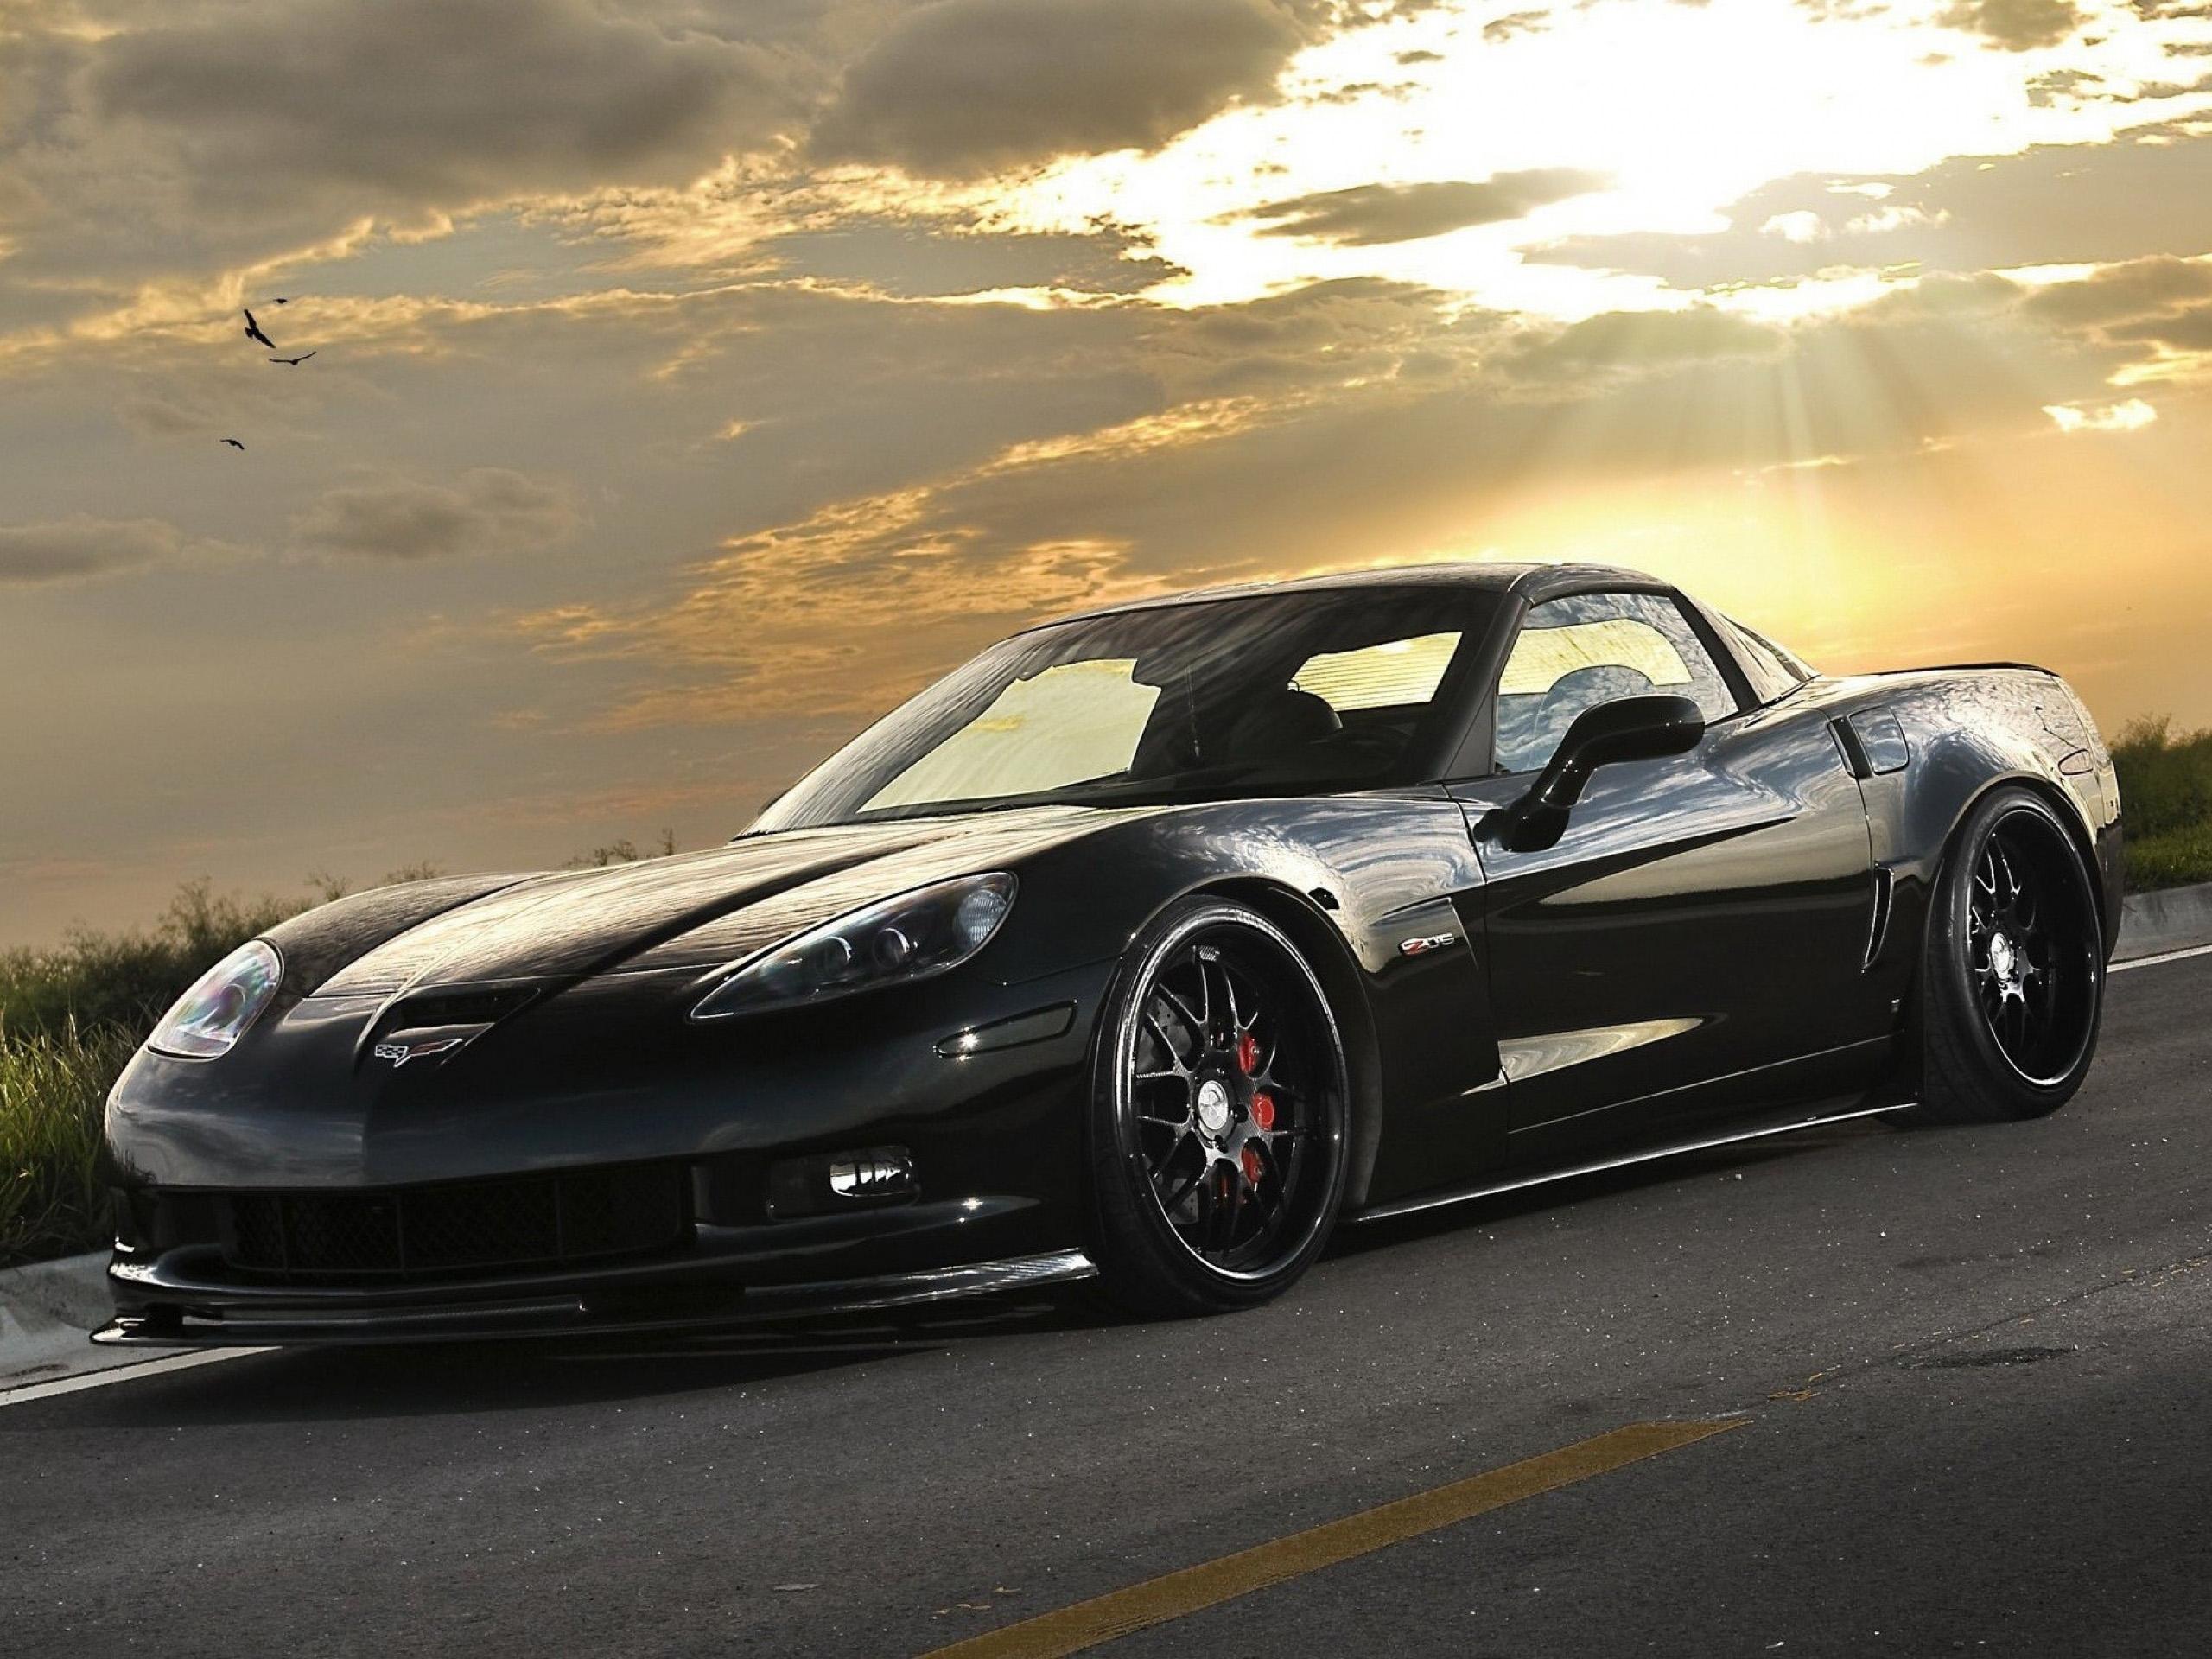 Black c6 zo6 wallpaper wallpapersafari - Corvette c6 wallpaper ...